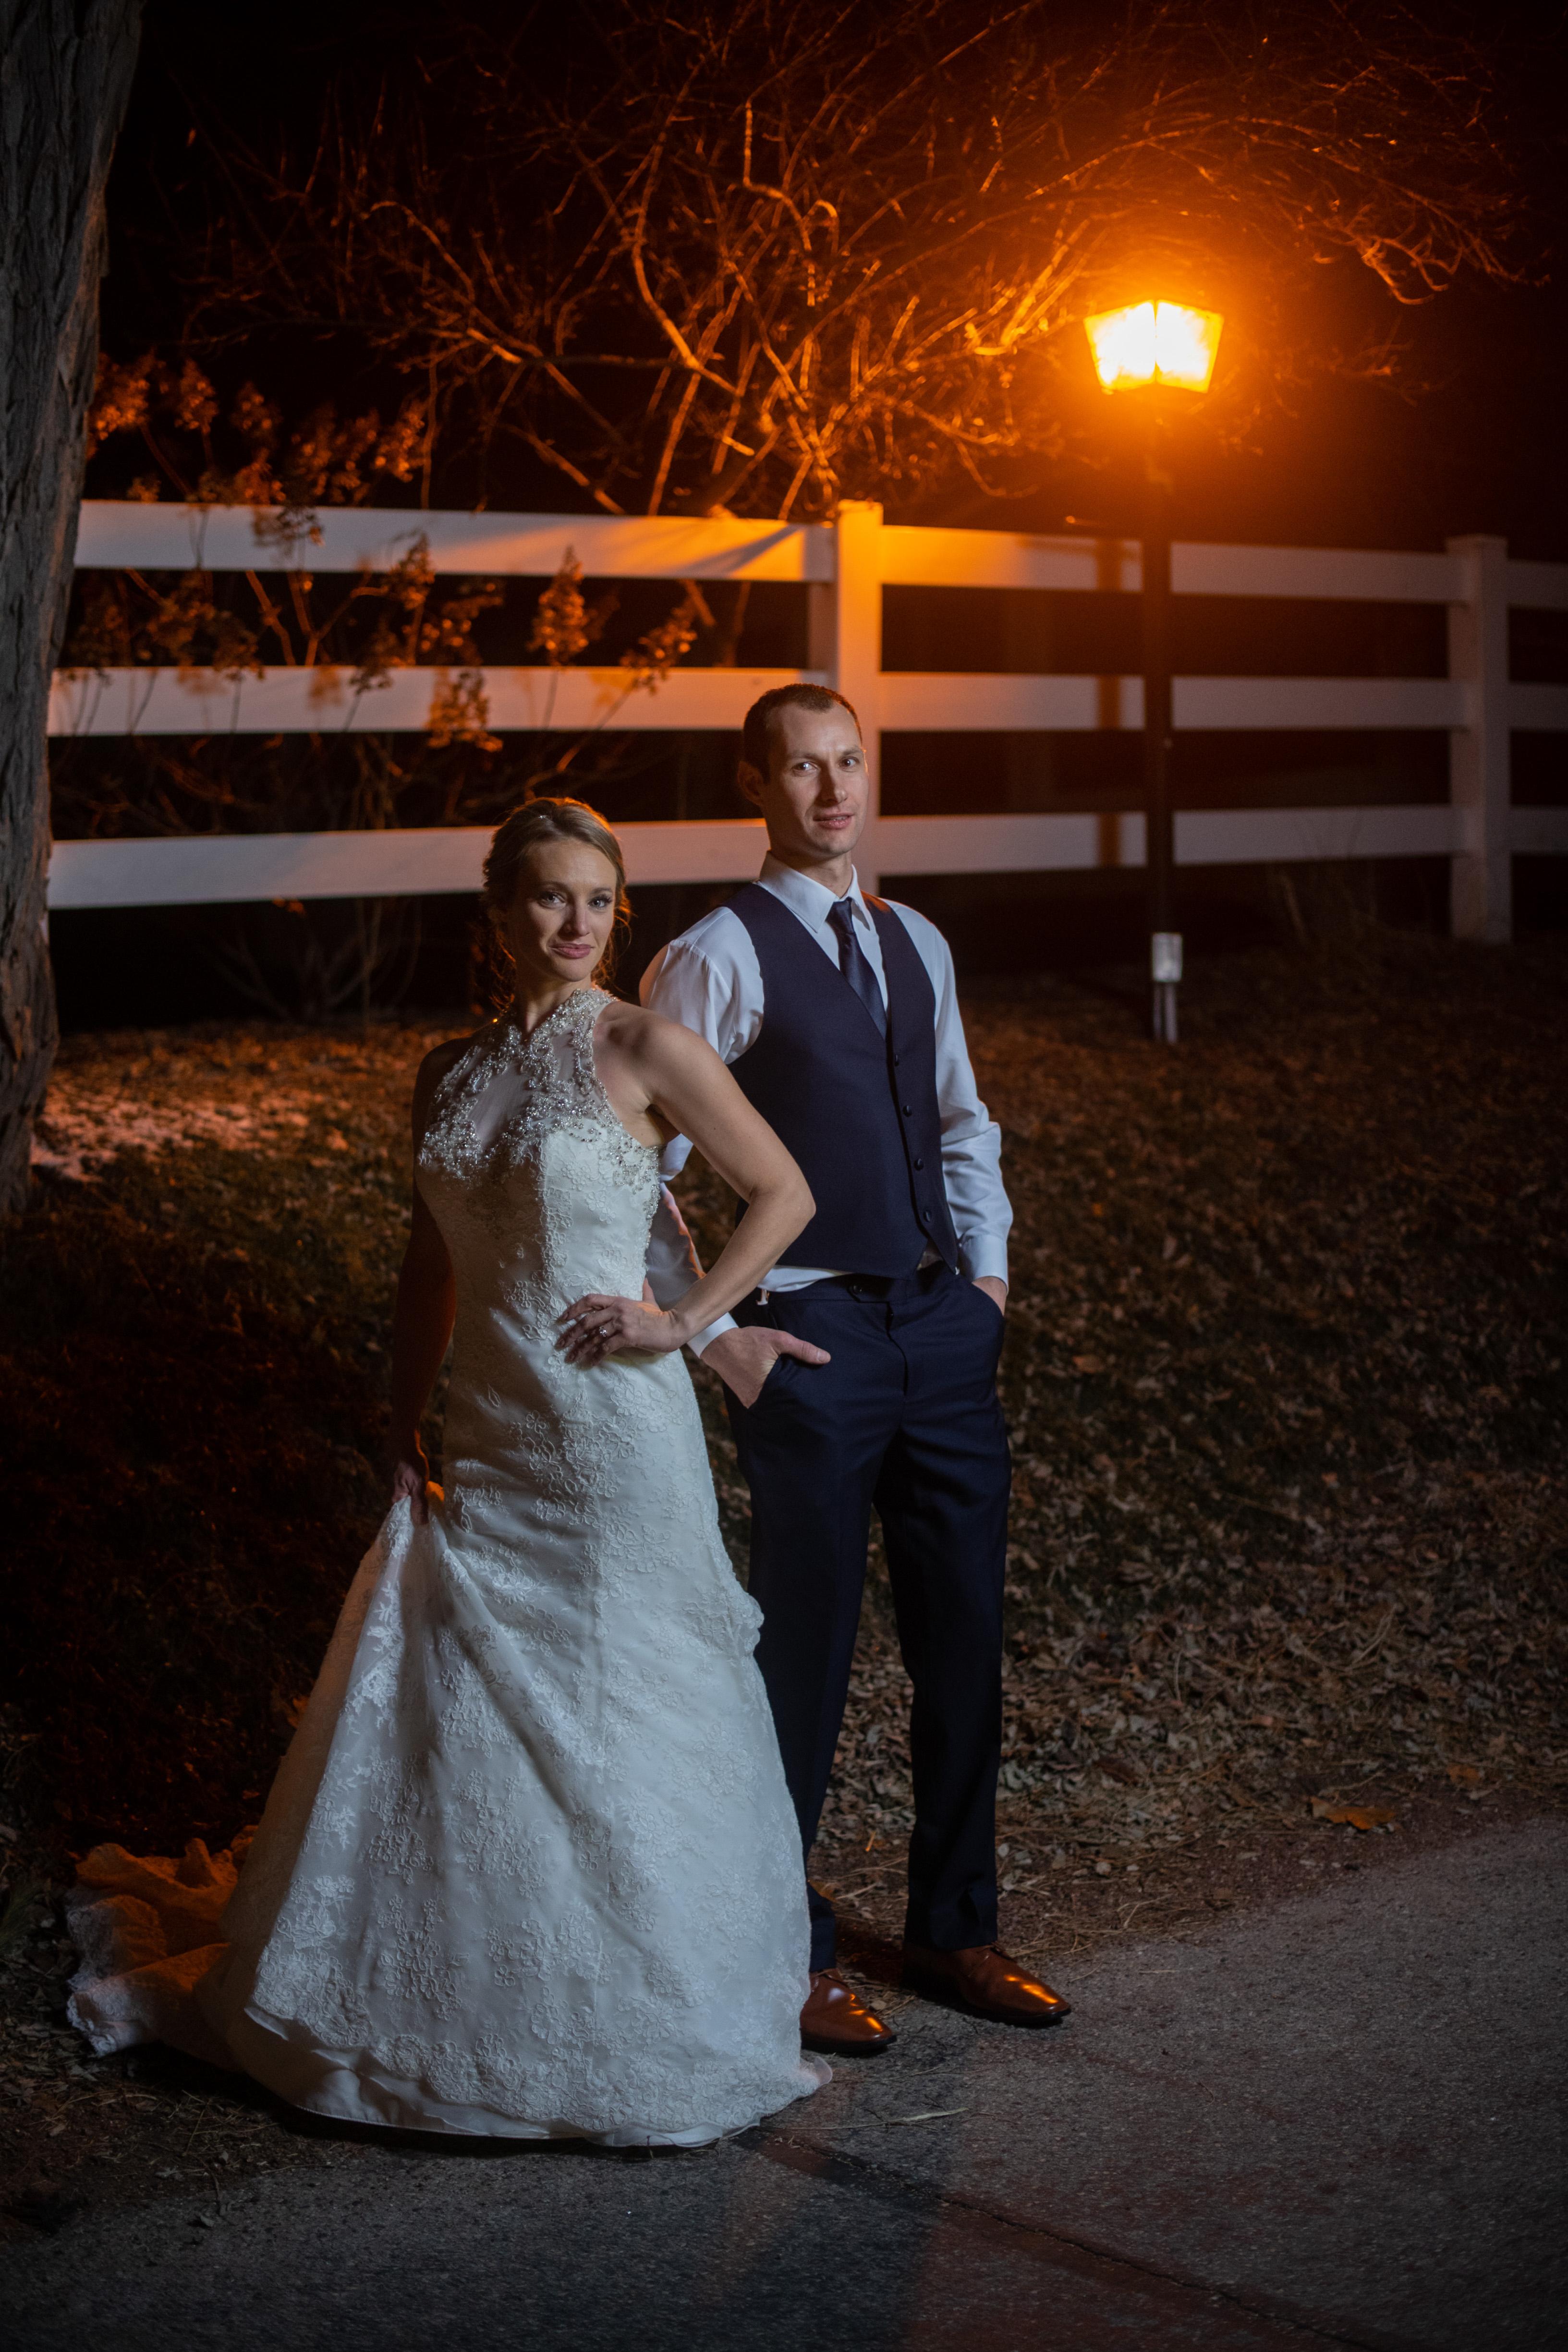 Milwaukee Wedding Photography-Jadon Good Photography_178